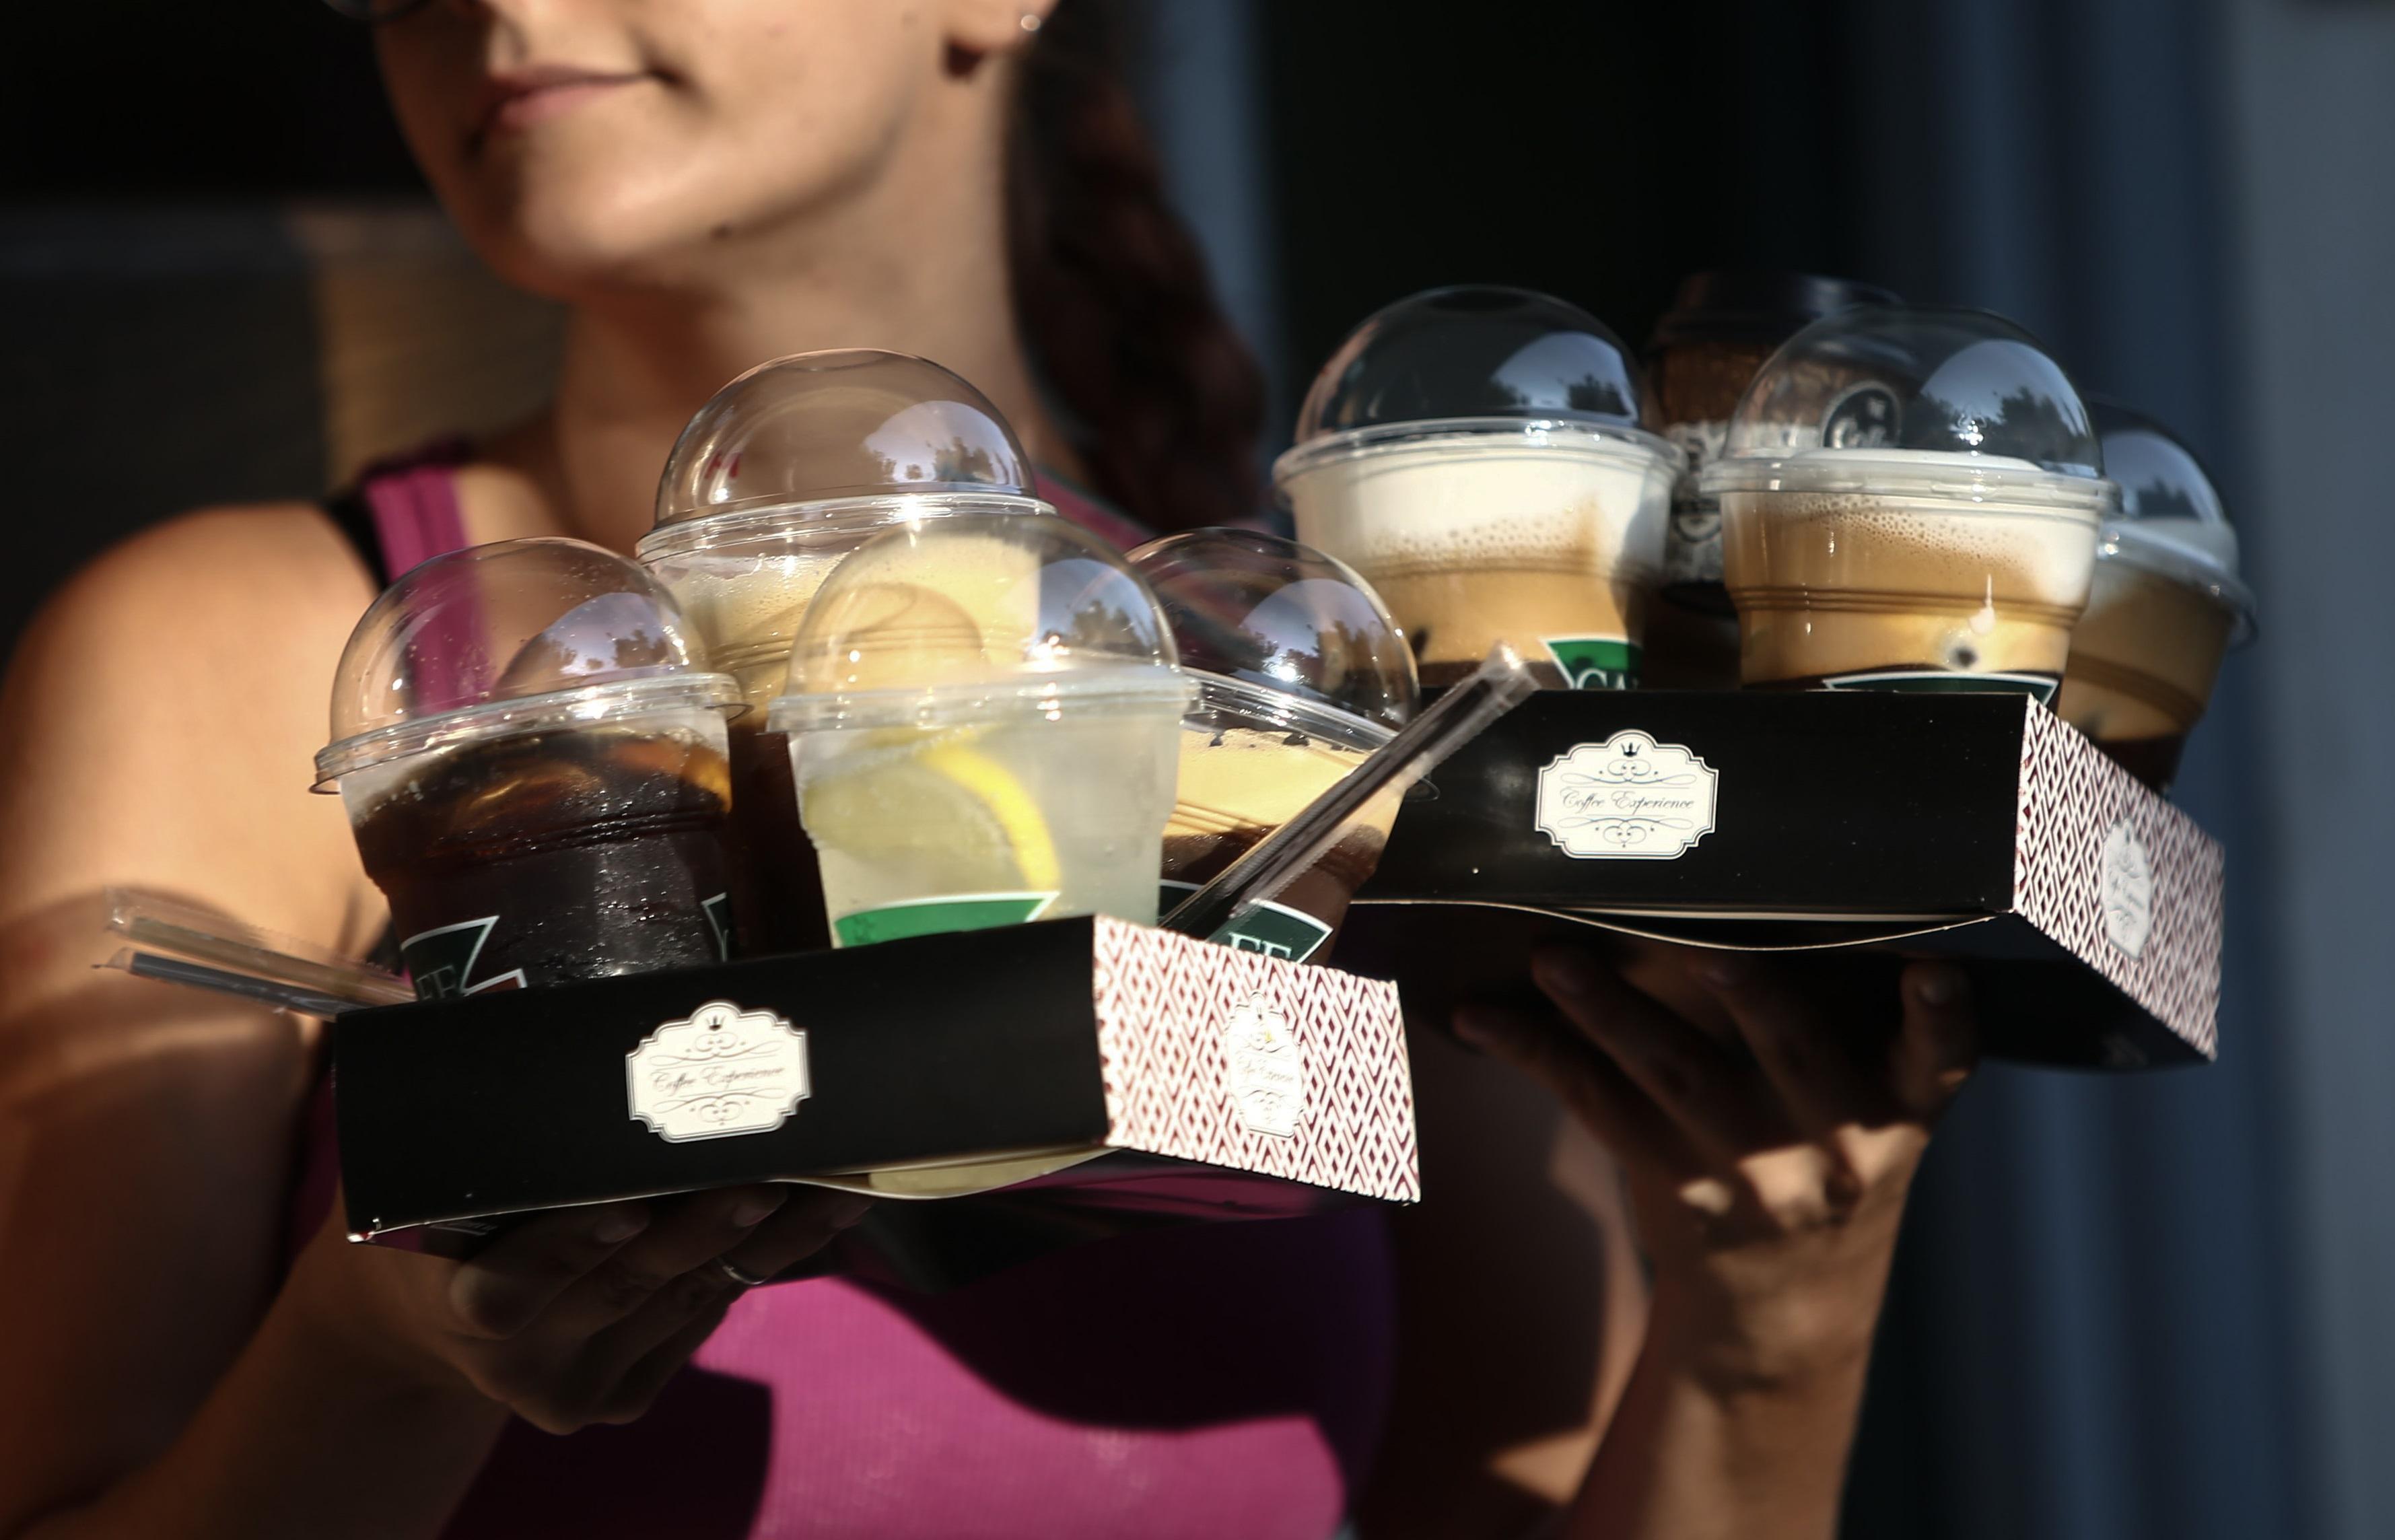 Πολλοί καφέδες και μεσογειακή διατροφή μειώνουν τον κίνδυνο καρκίνου του προστάτη